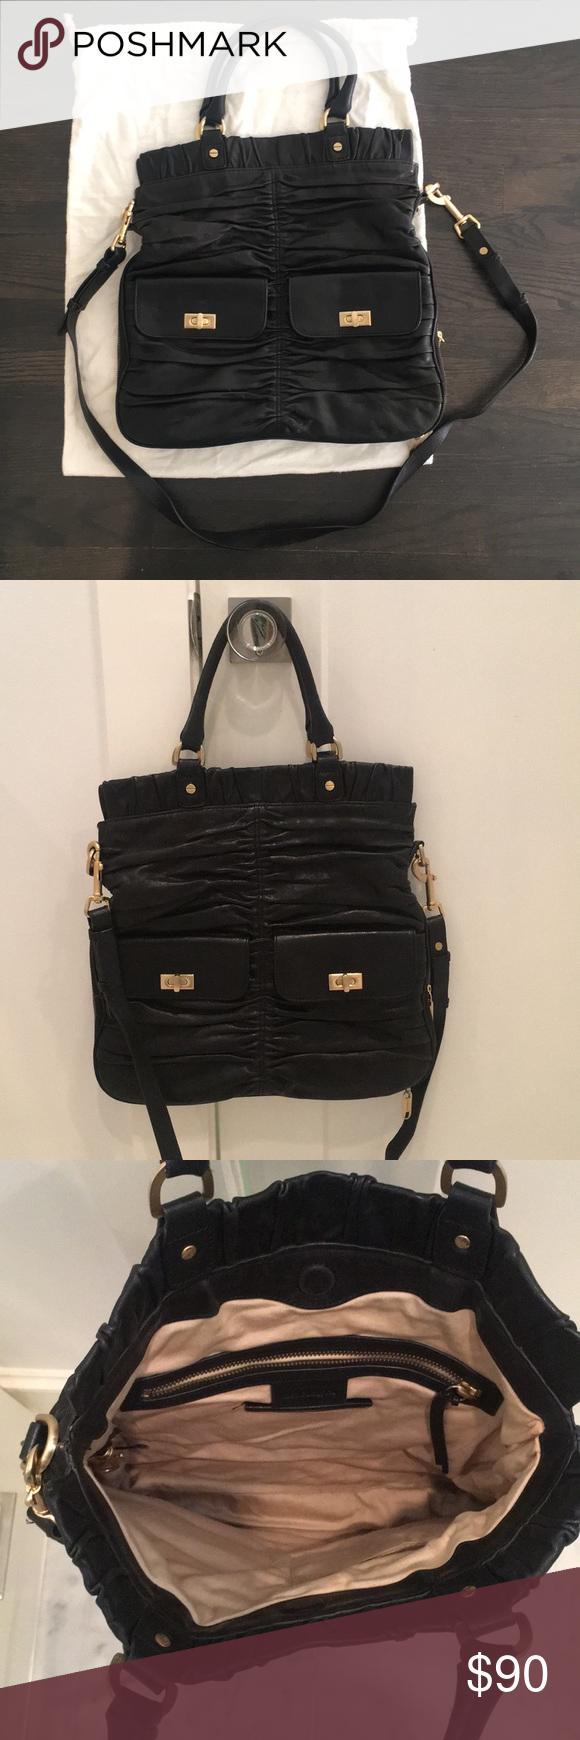 Alexis Hudson Black Handbag Crossbody